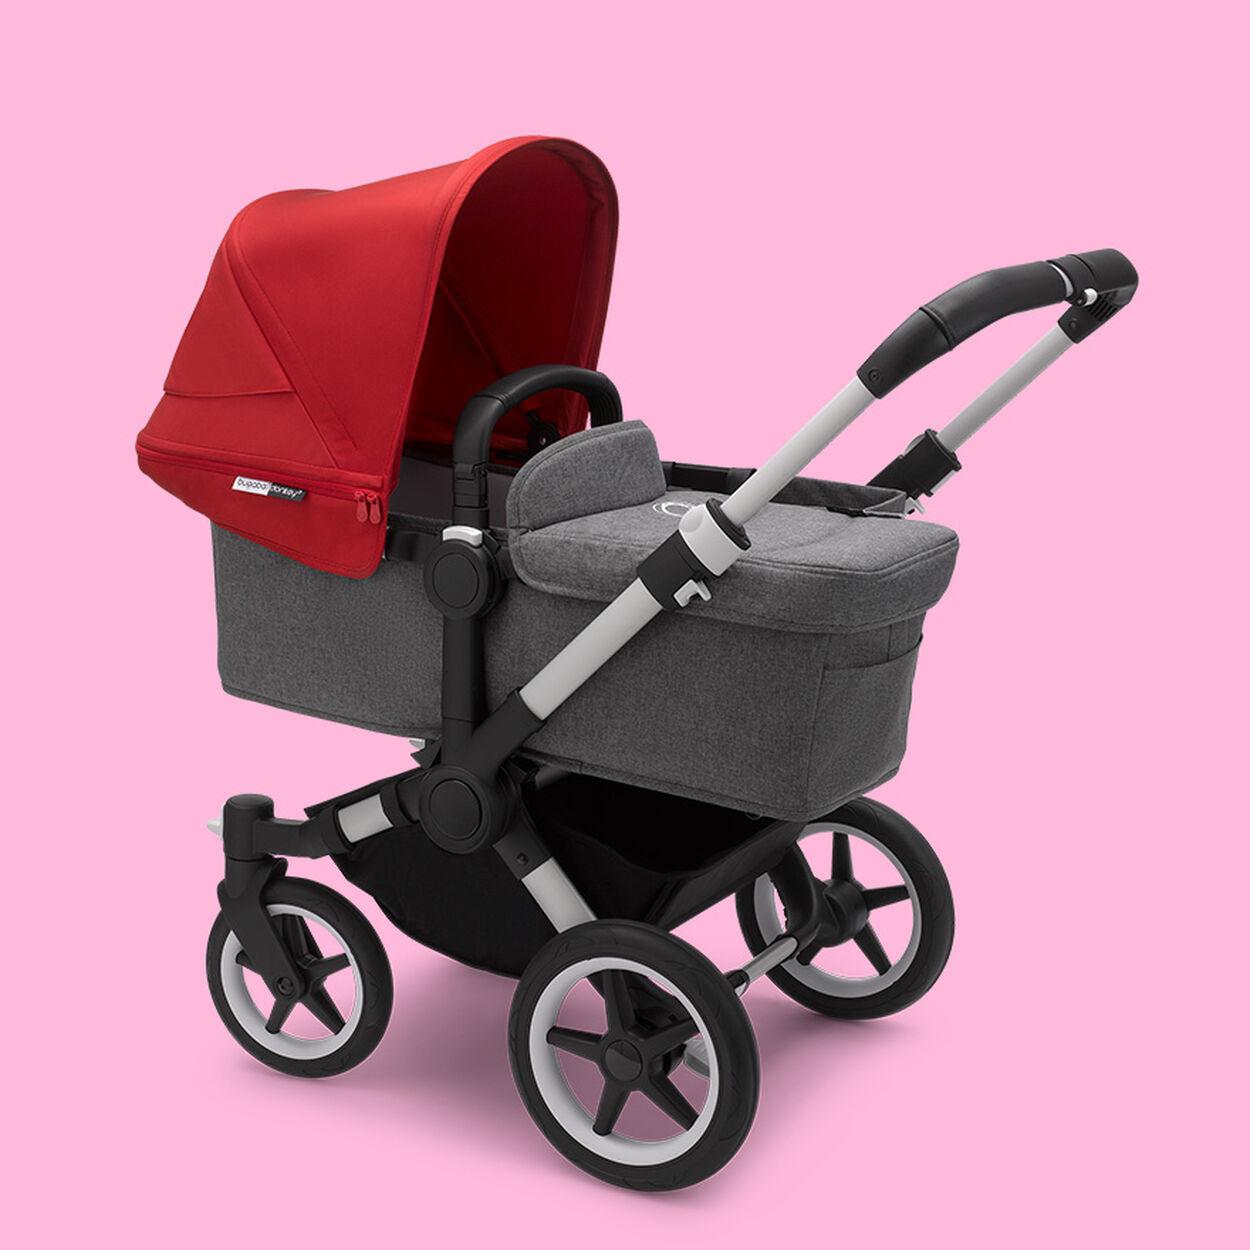 Donkey 3 Mono stroller